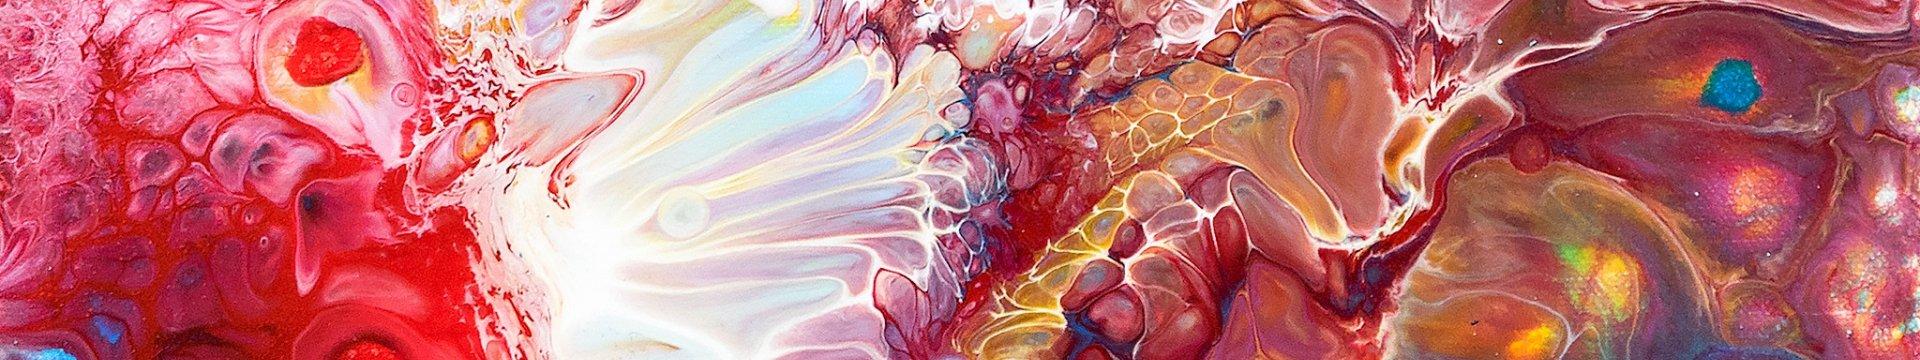 Sich vermischende Farben